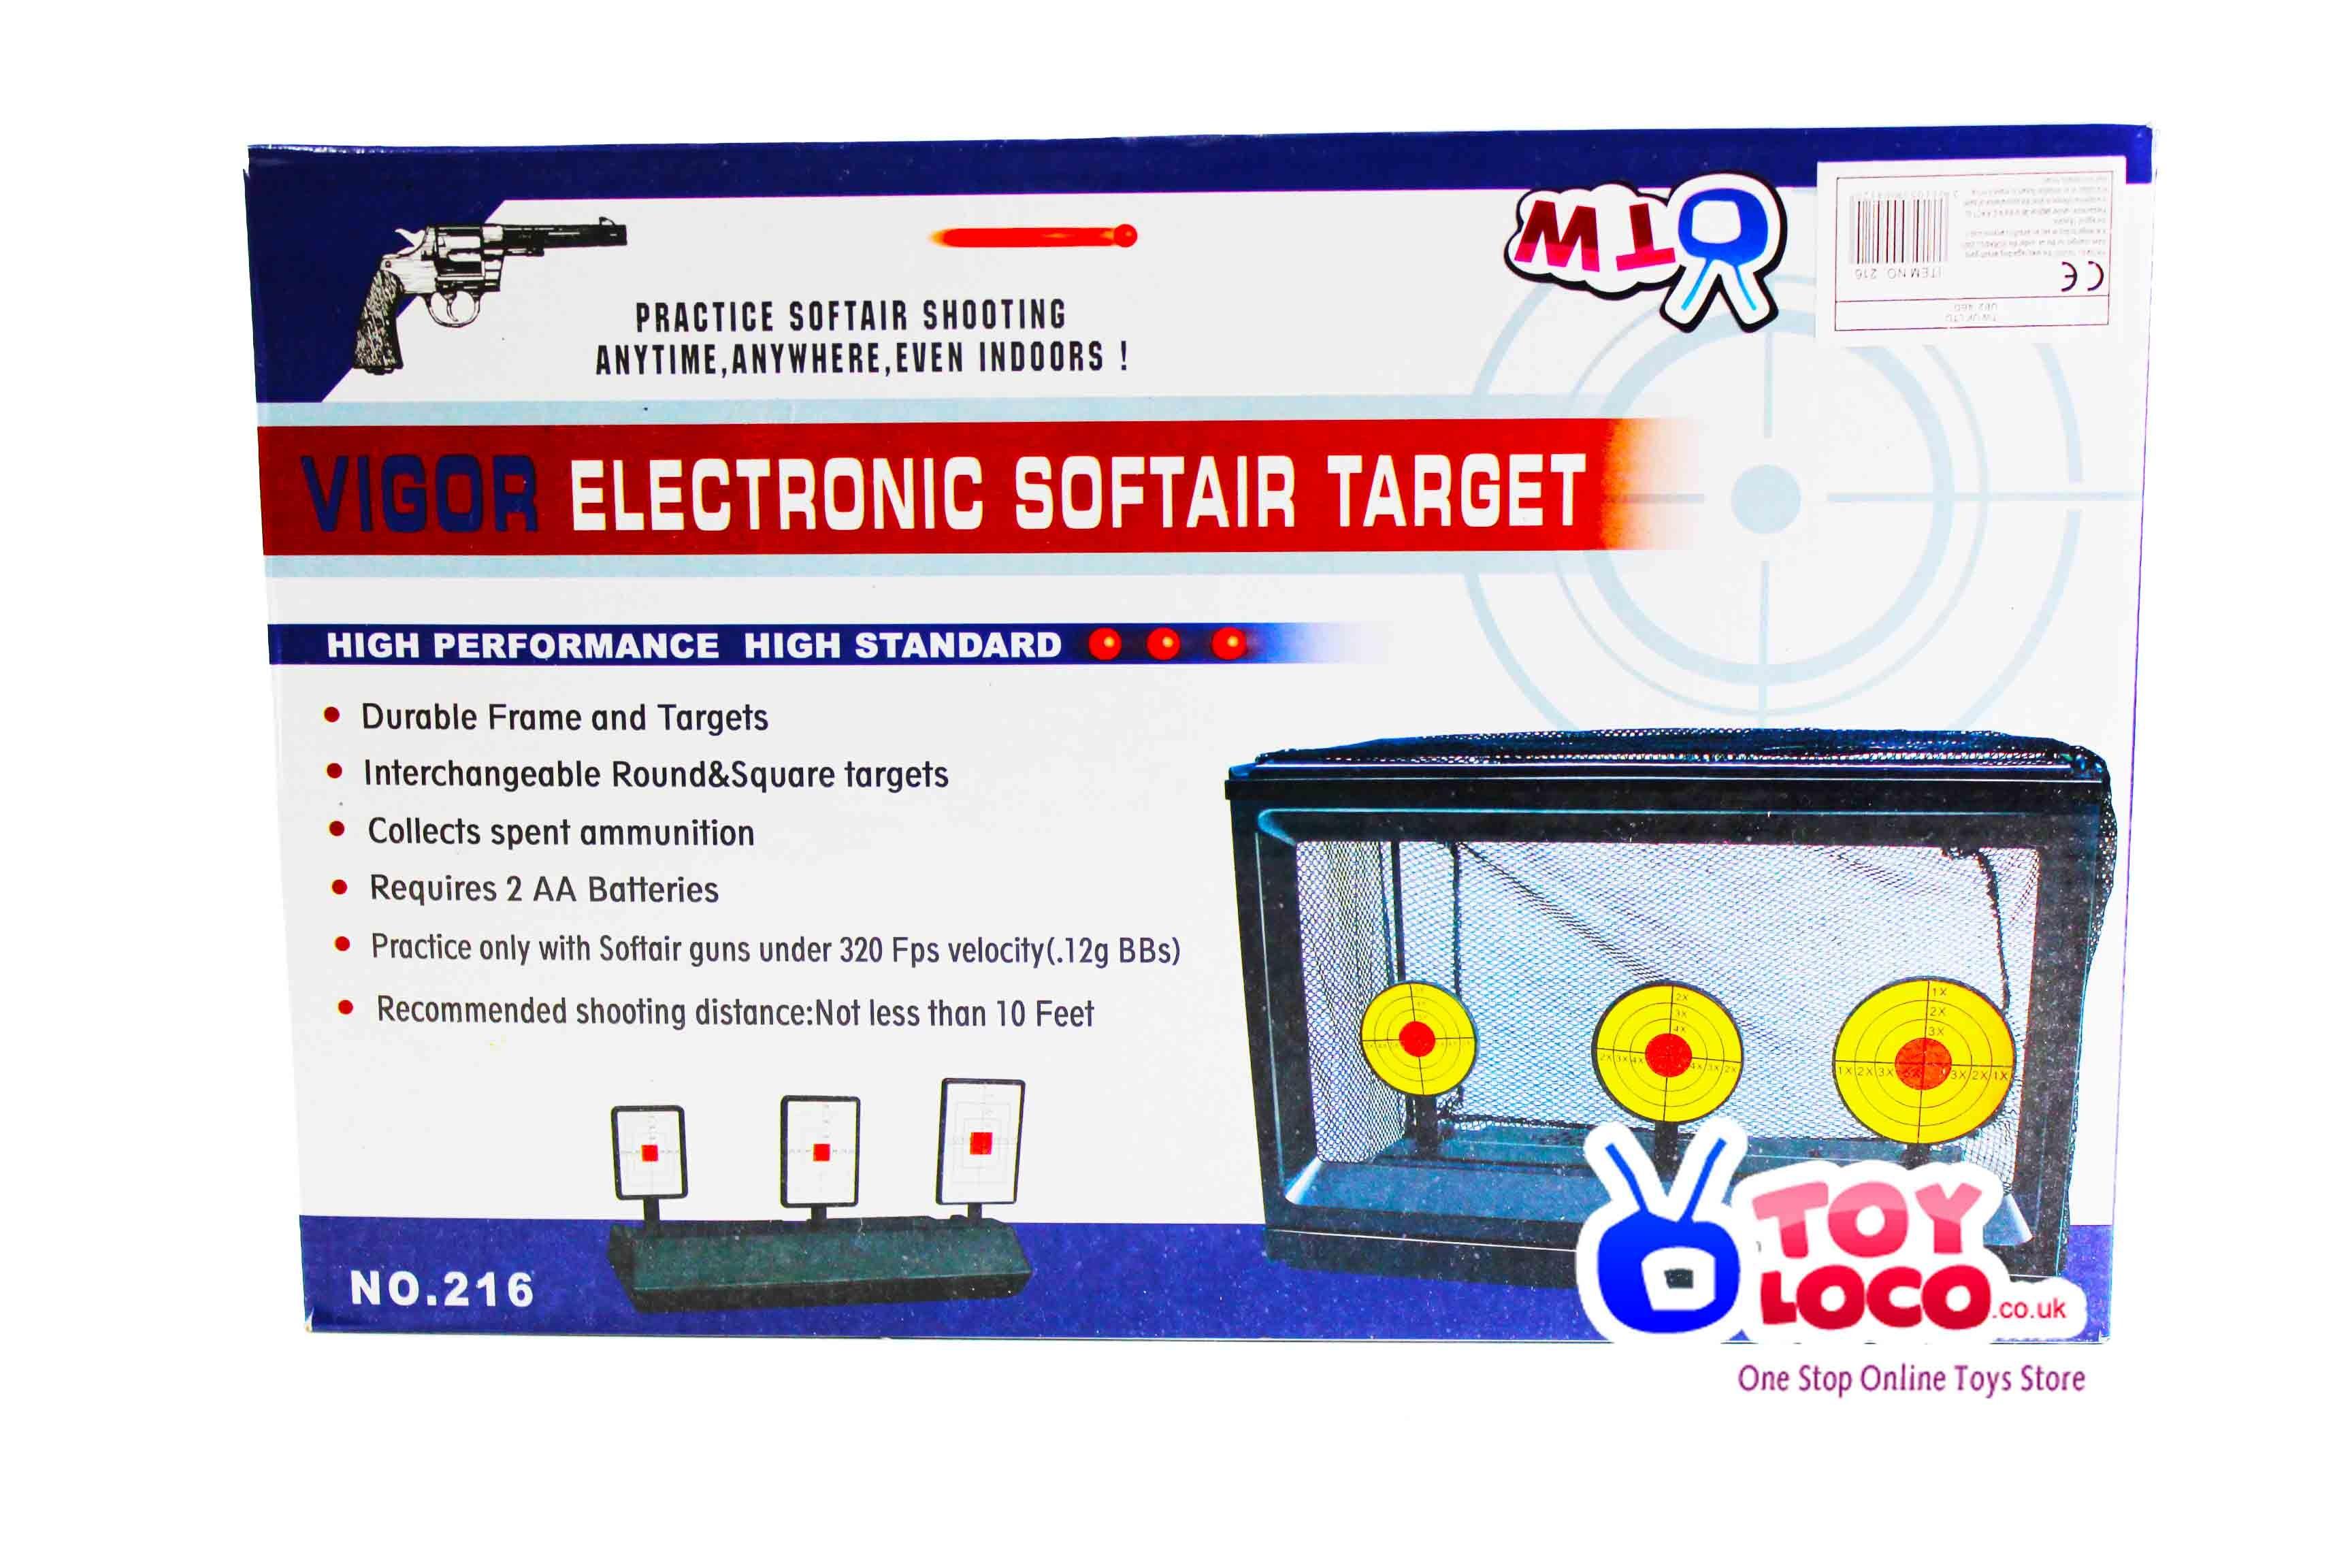 Vigor Electronic Softair Target